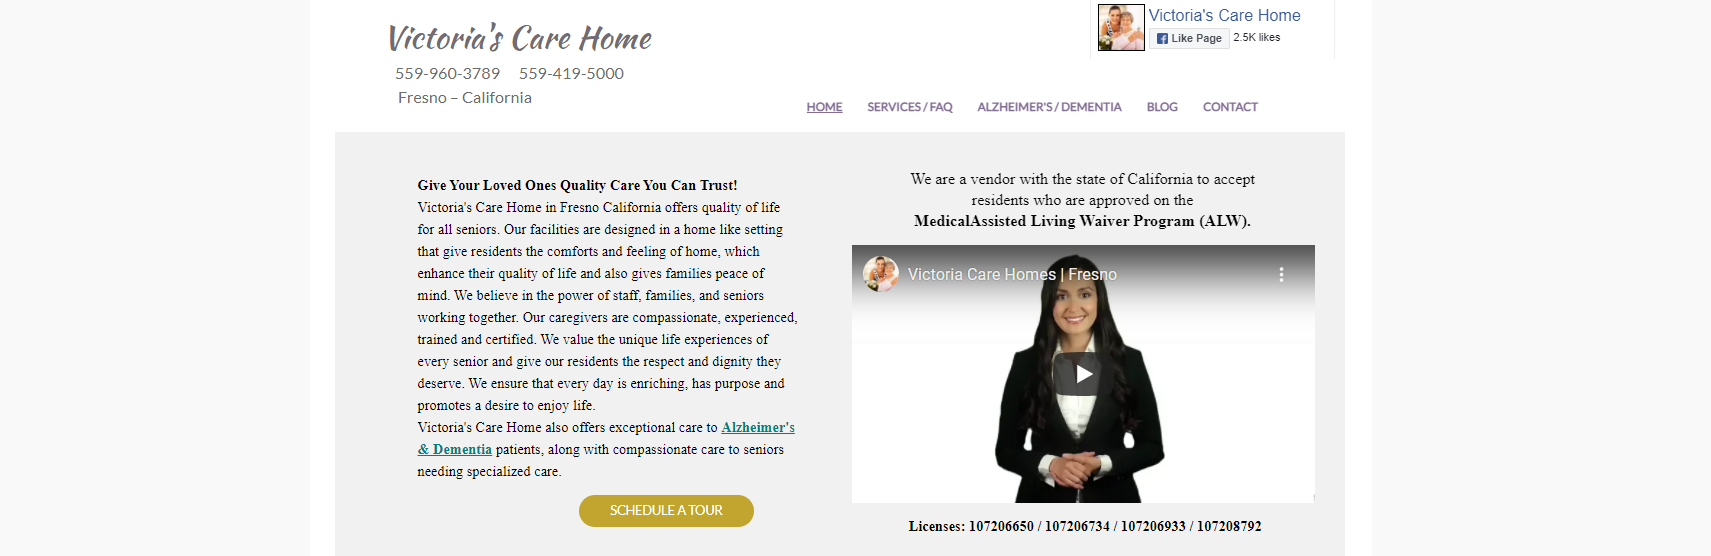 Victoria's Care Home